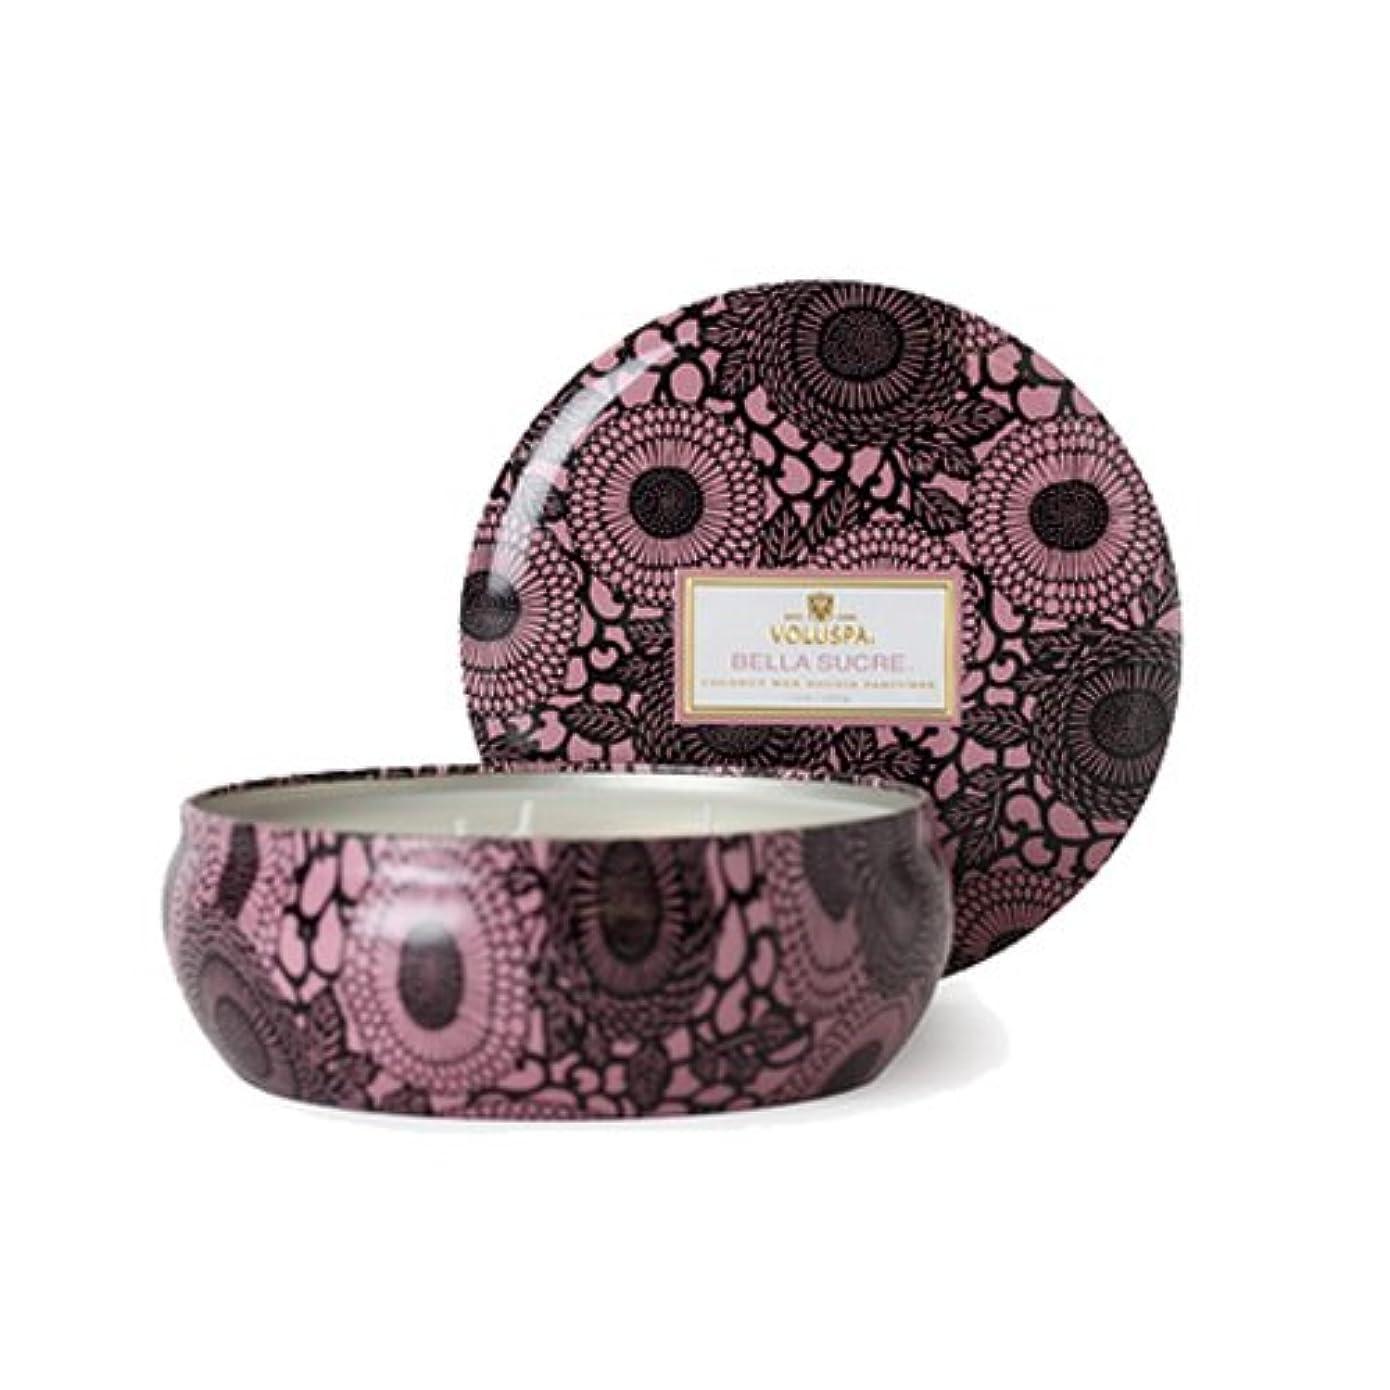 海里参加者有名人VOLUSPA ヴォルスパ ボルスパ ジャポニカシリーズ ベラ シュークレ 3-wickティンキャンドル 340g 約60時間 JAPONICA 3Wick Candle in Decorative Tin 12oz(60...